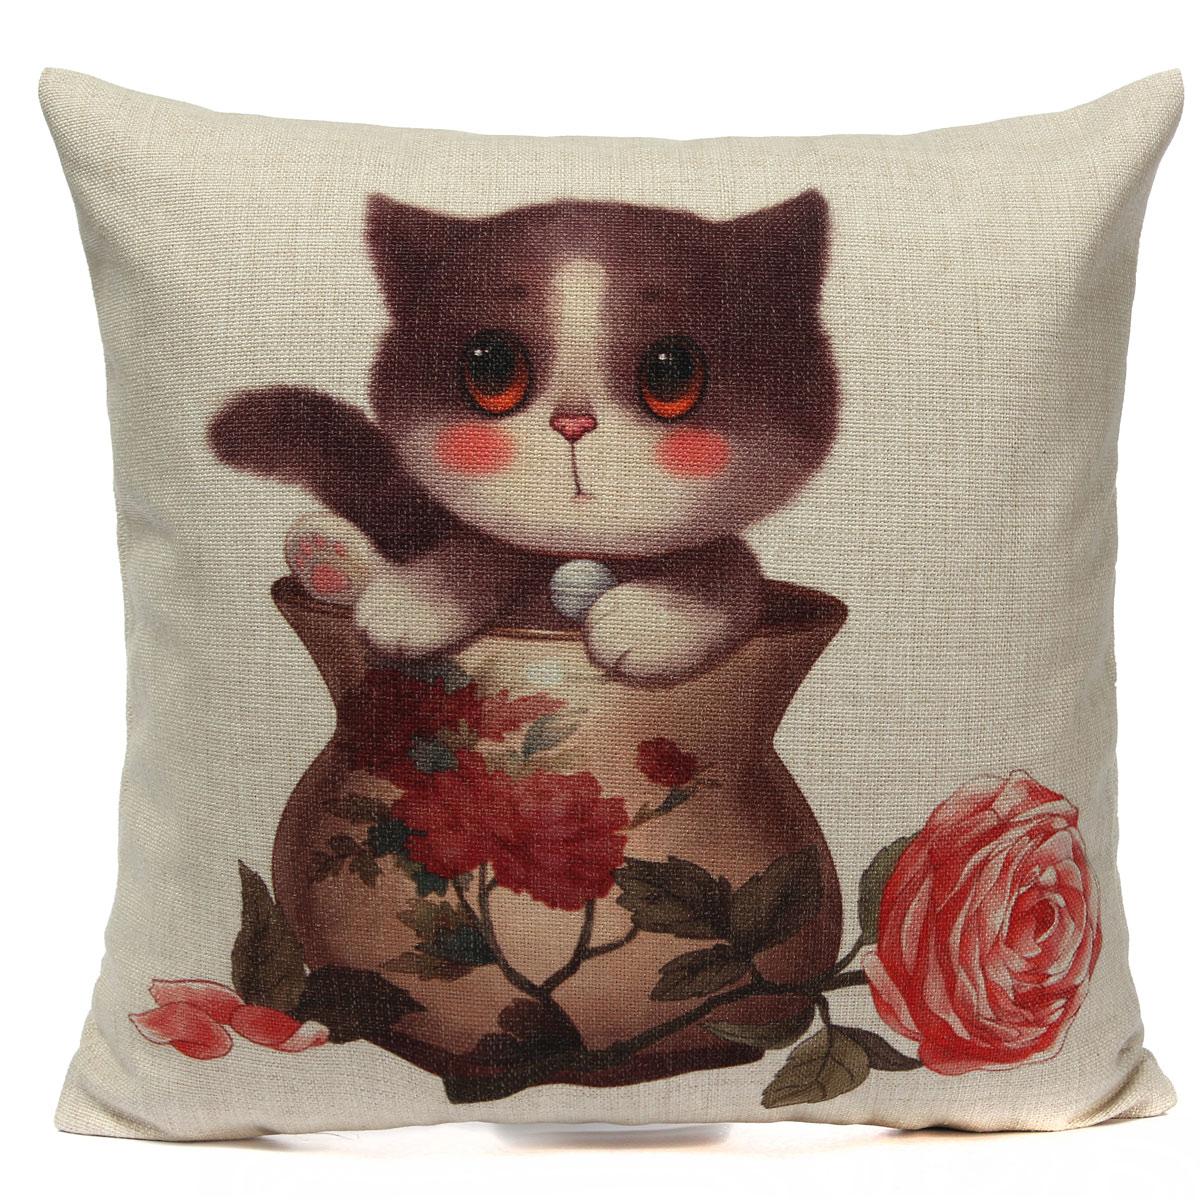 Vintage Animal Linen Cotton Cushion Cover Throw Pillow Case Home Sofa Car Decor eBay